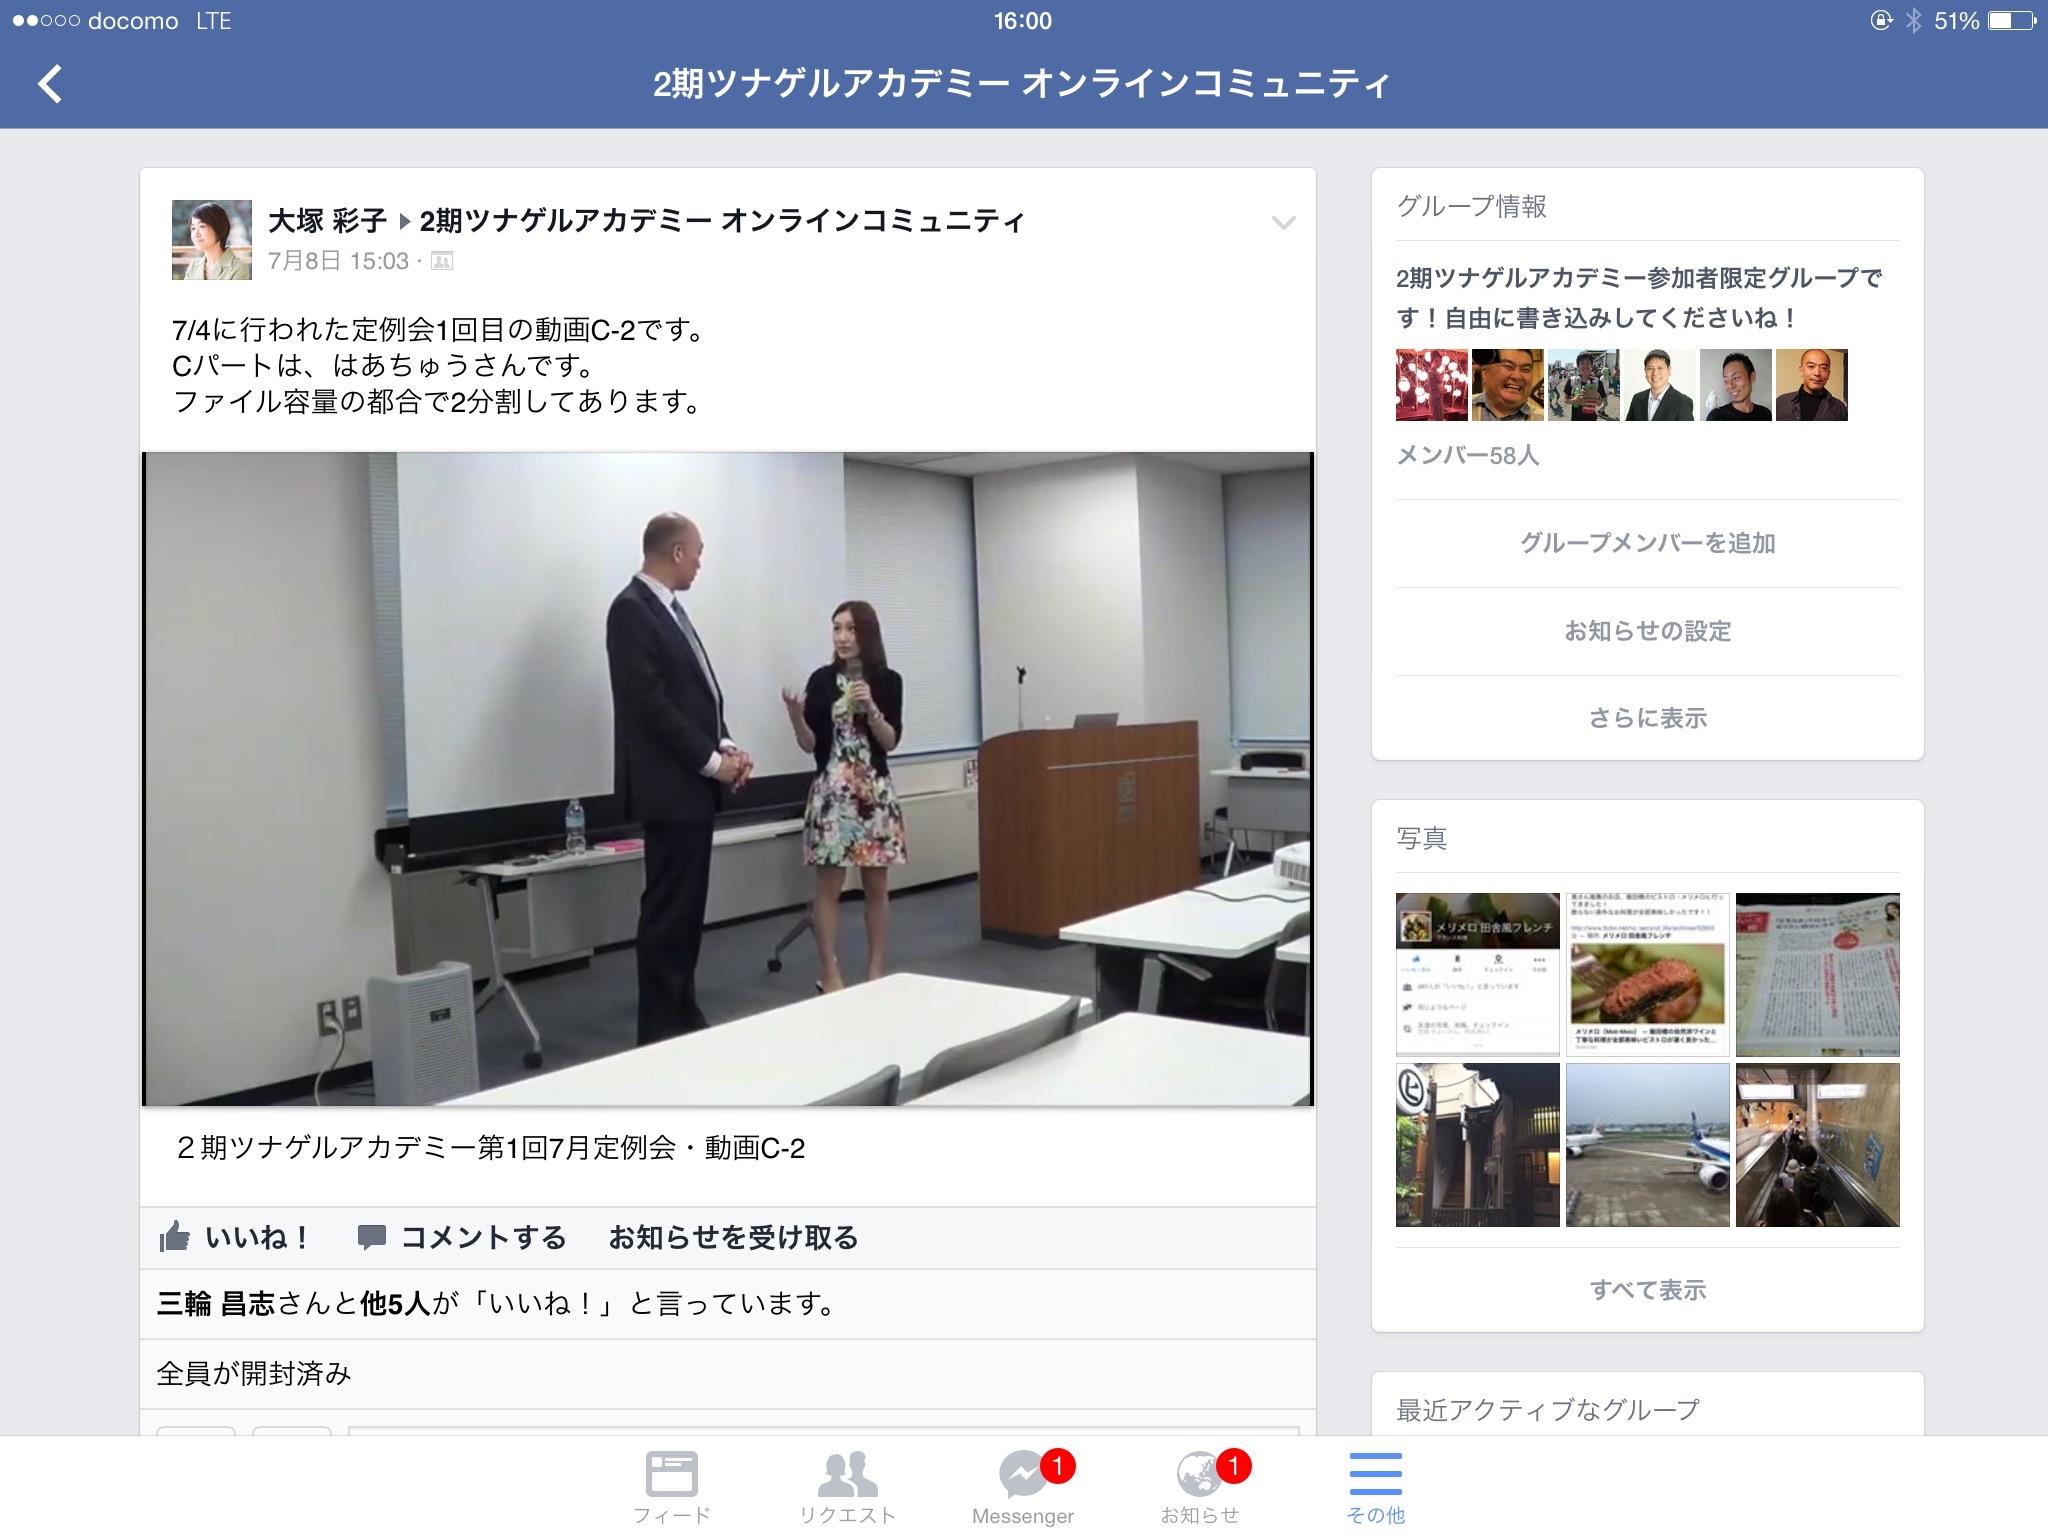 ツナゲルアカデミー第1講をオンラインで受講しました!